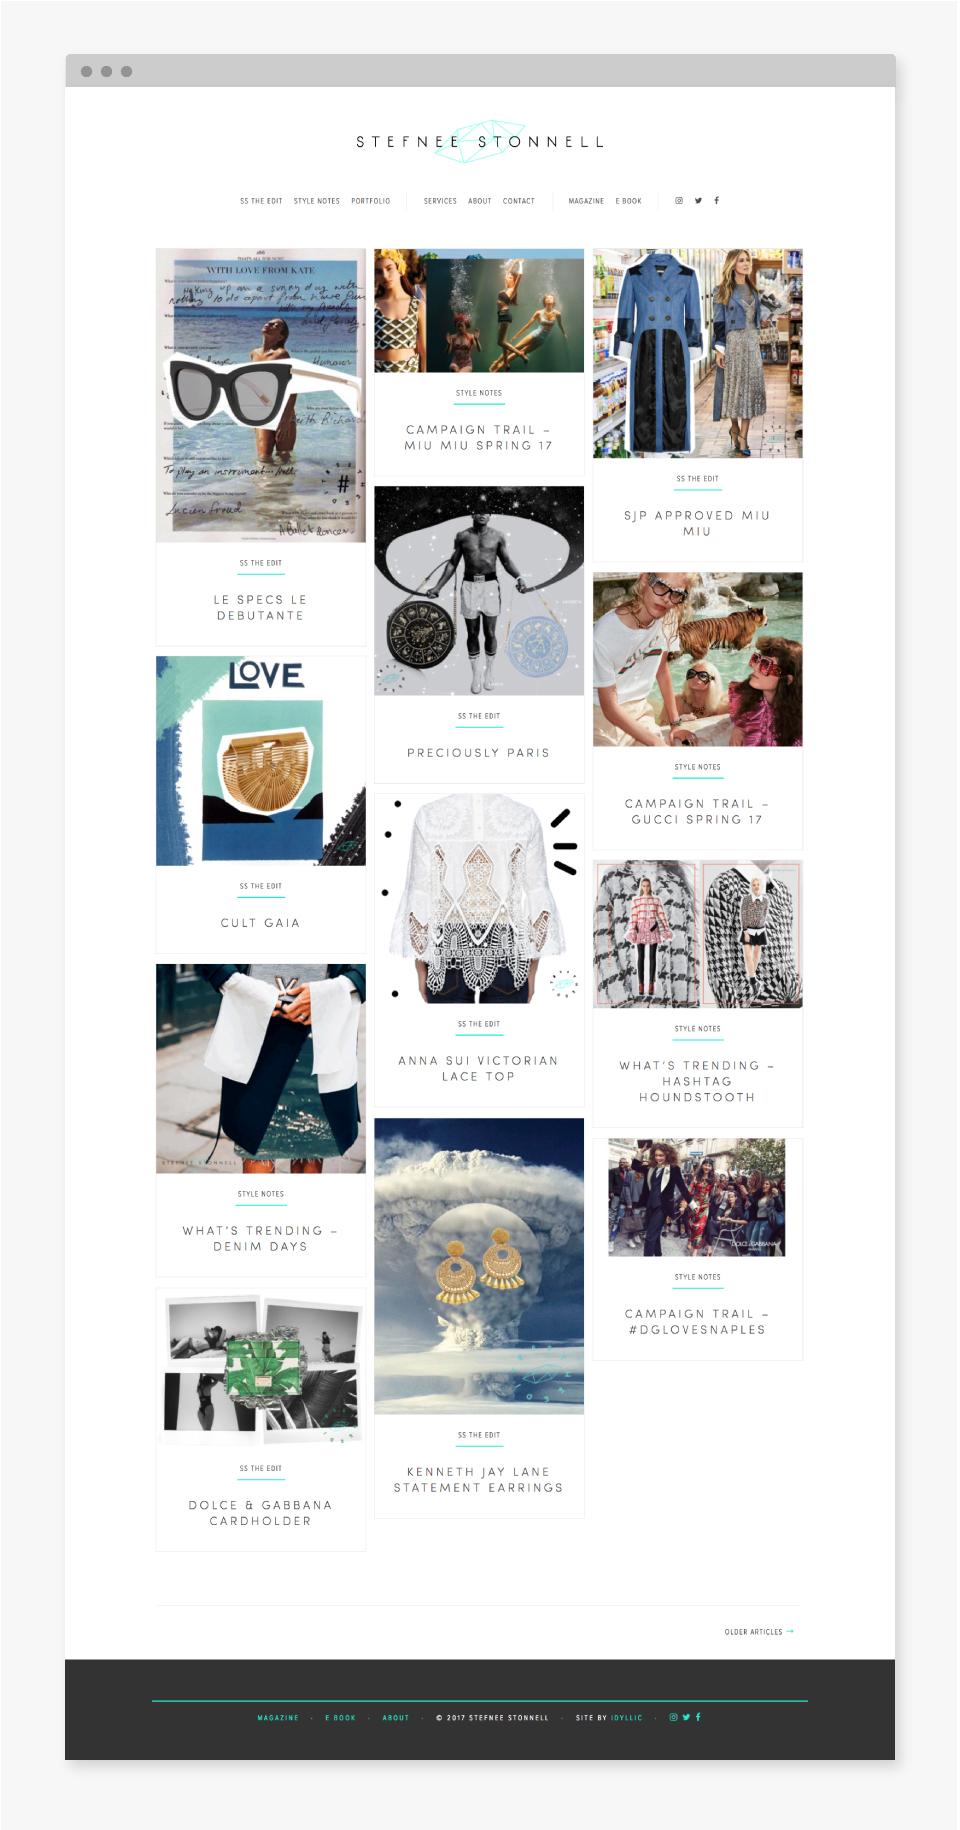 Stefnee Stonnell Website - Idyllic Creative